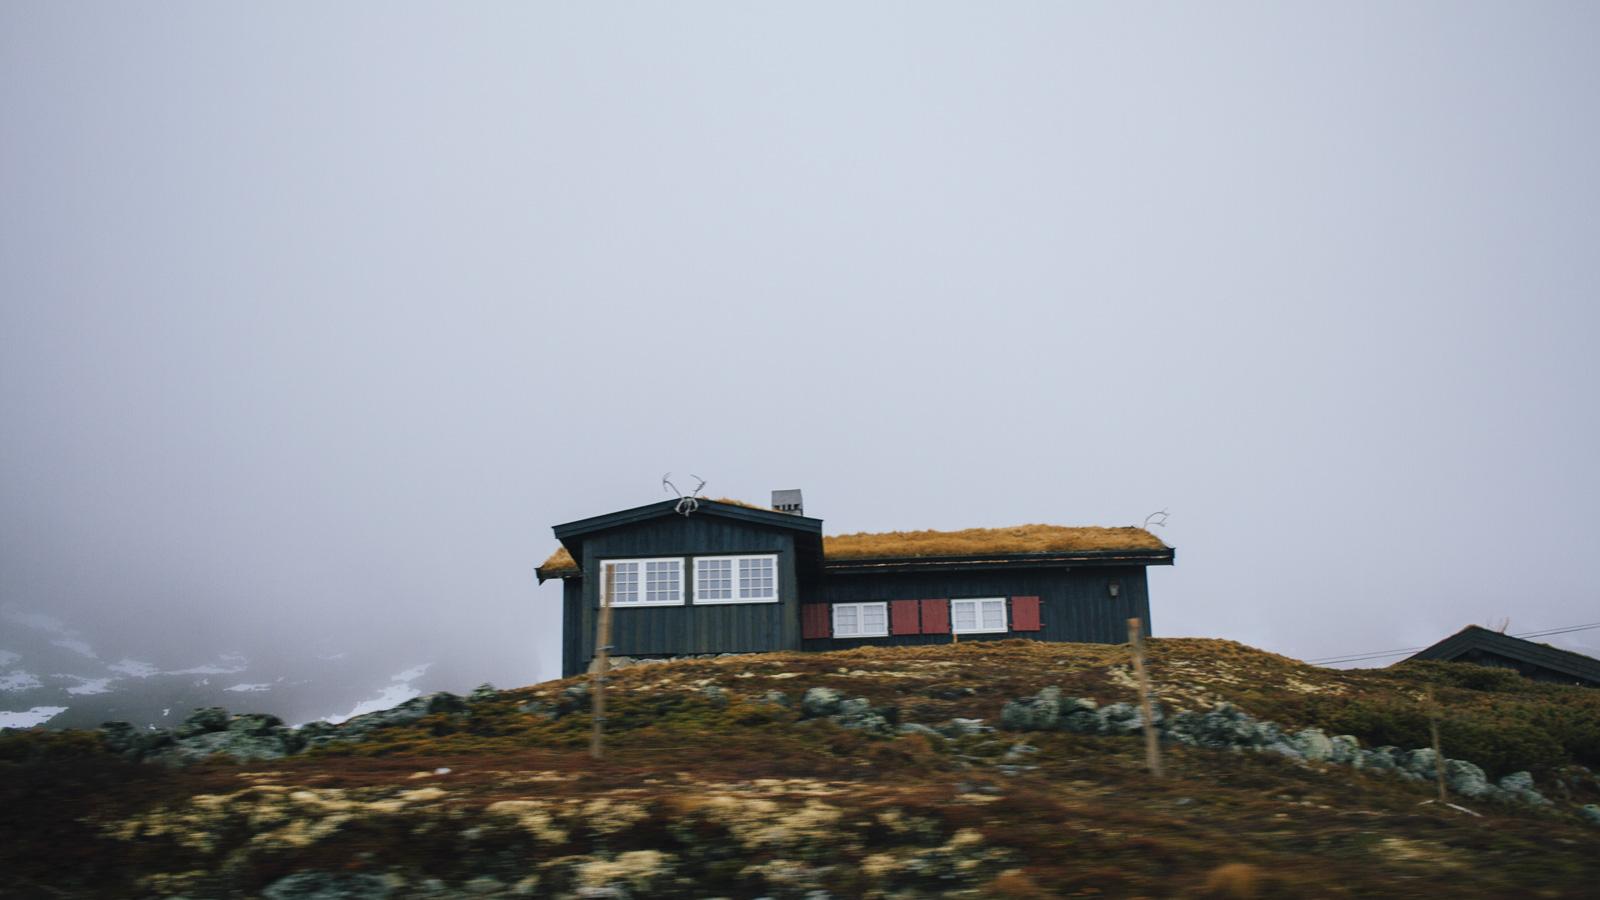 201705_Scandinavia-245_16-9.JPG